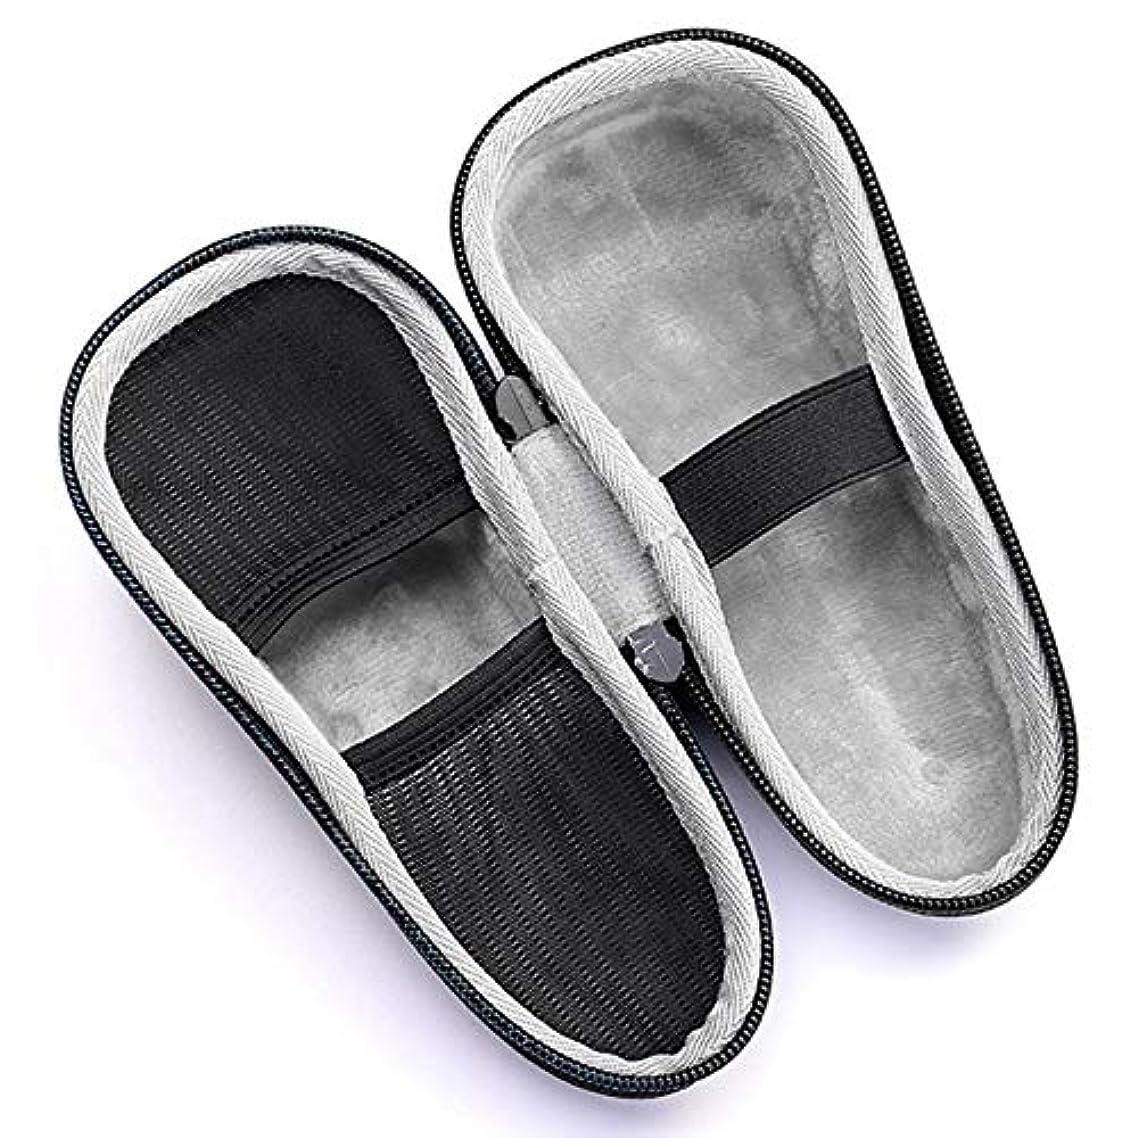 本土ハント決済ACAMPTAR 髭剃り用収納バッグ、Philips電気シェーバー用、かみそりのバッグ、Philipsシェーバー用旅行ケース、シェービングマシンの収納ケース、バッグ